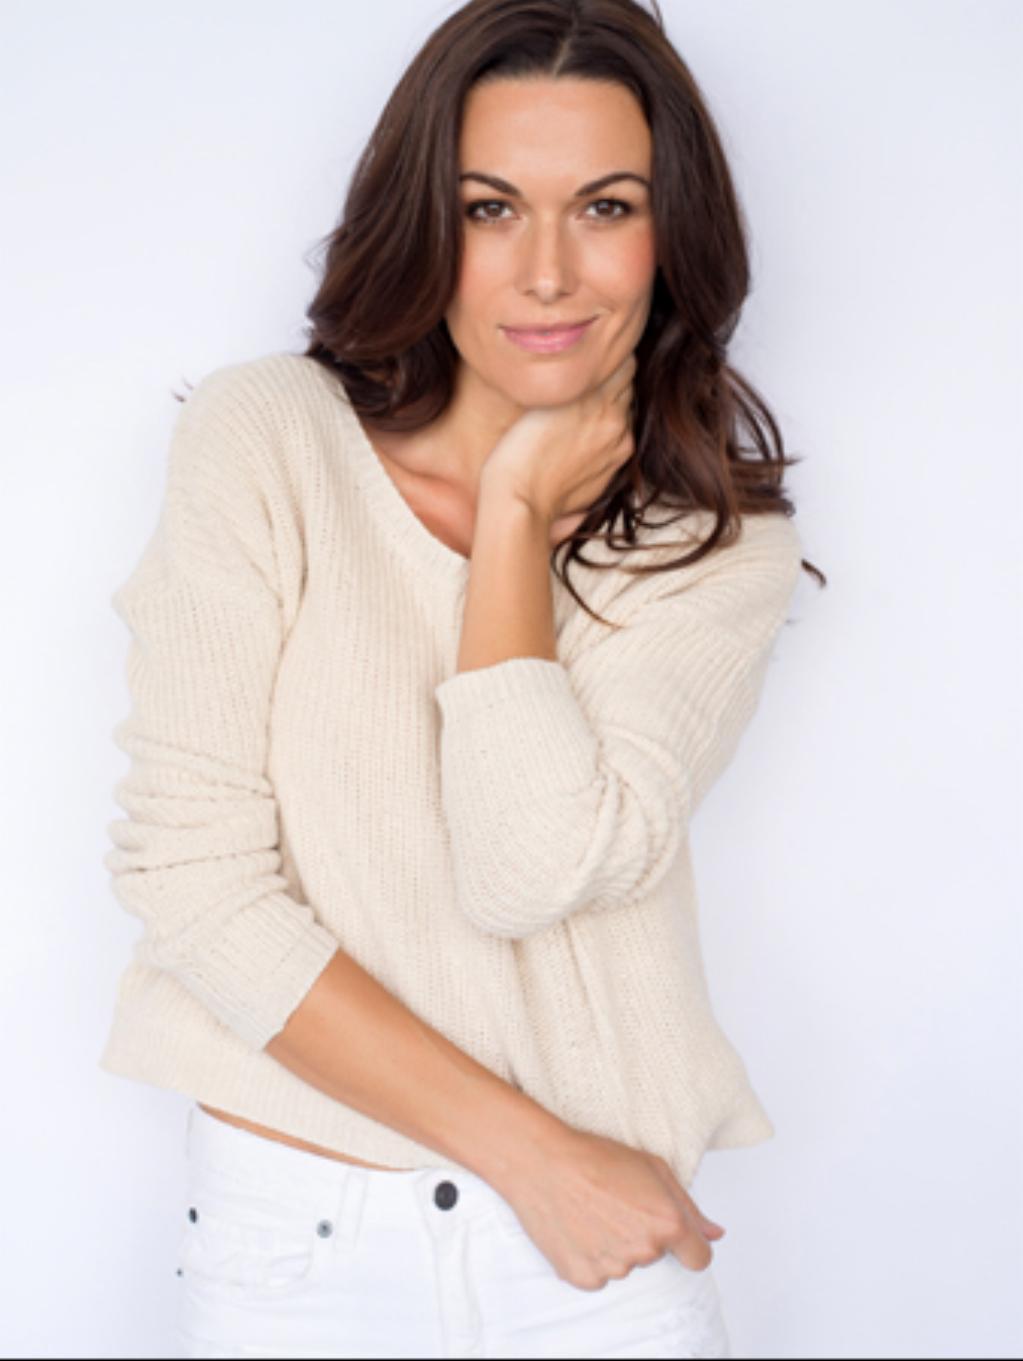 Ioanna Papadimitriou 717 (19).jpg